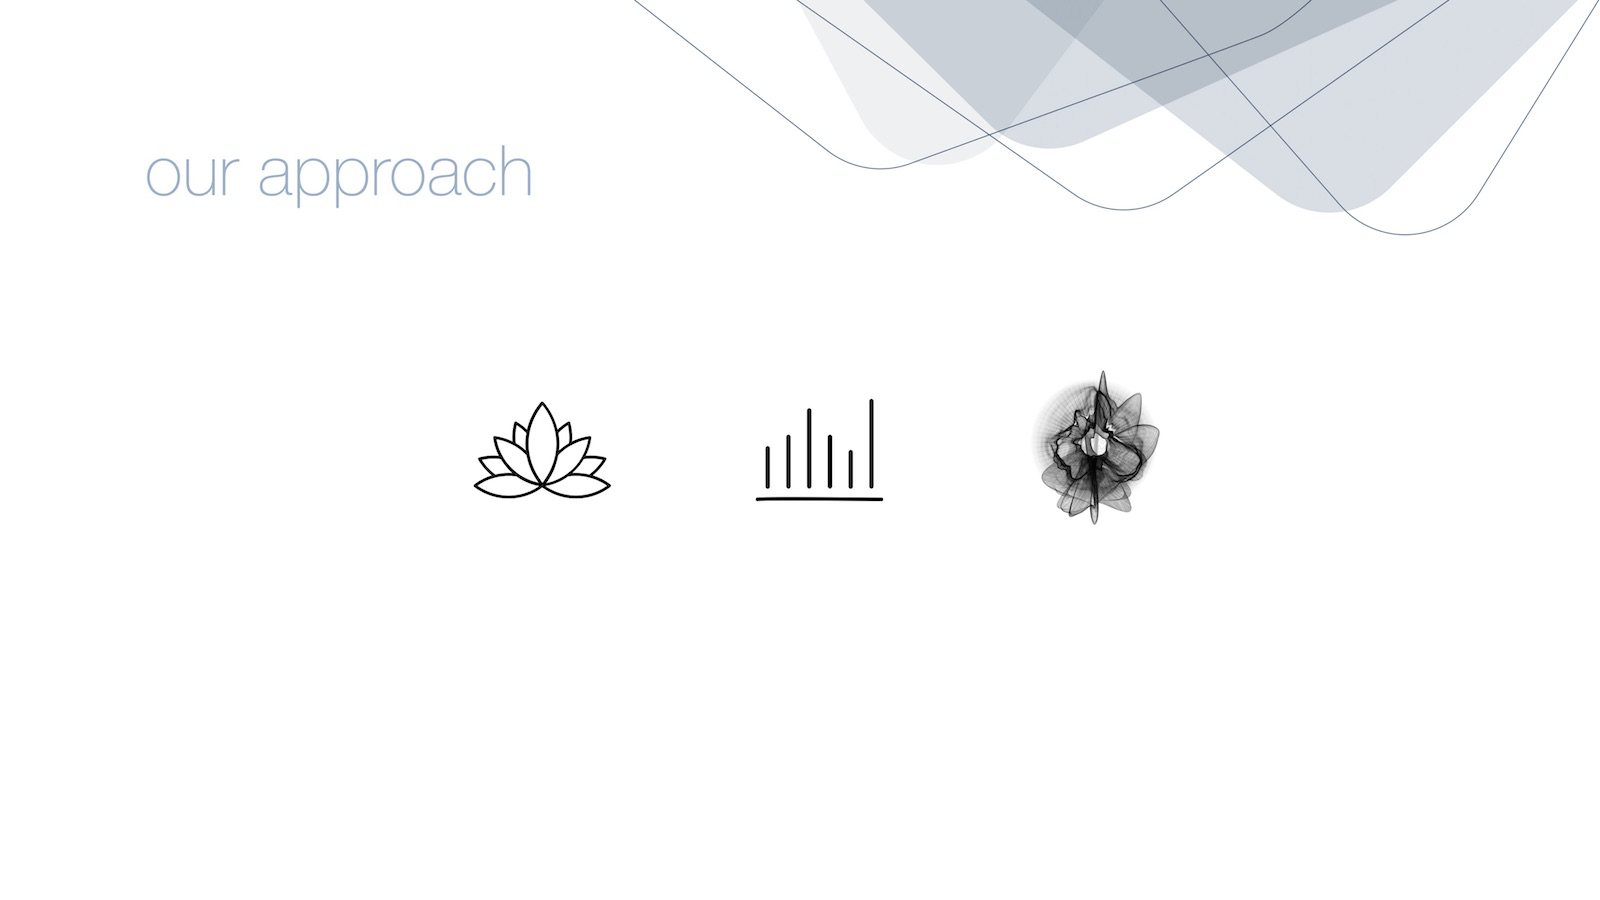 heart/work - approach